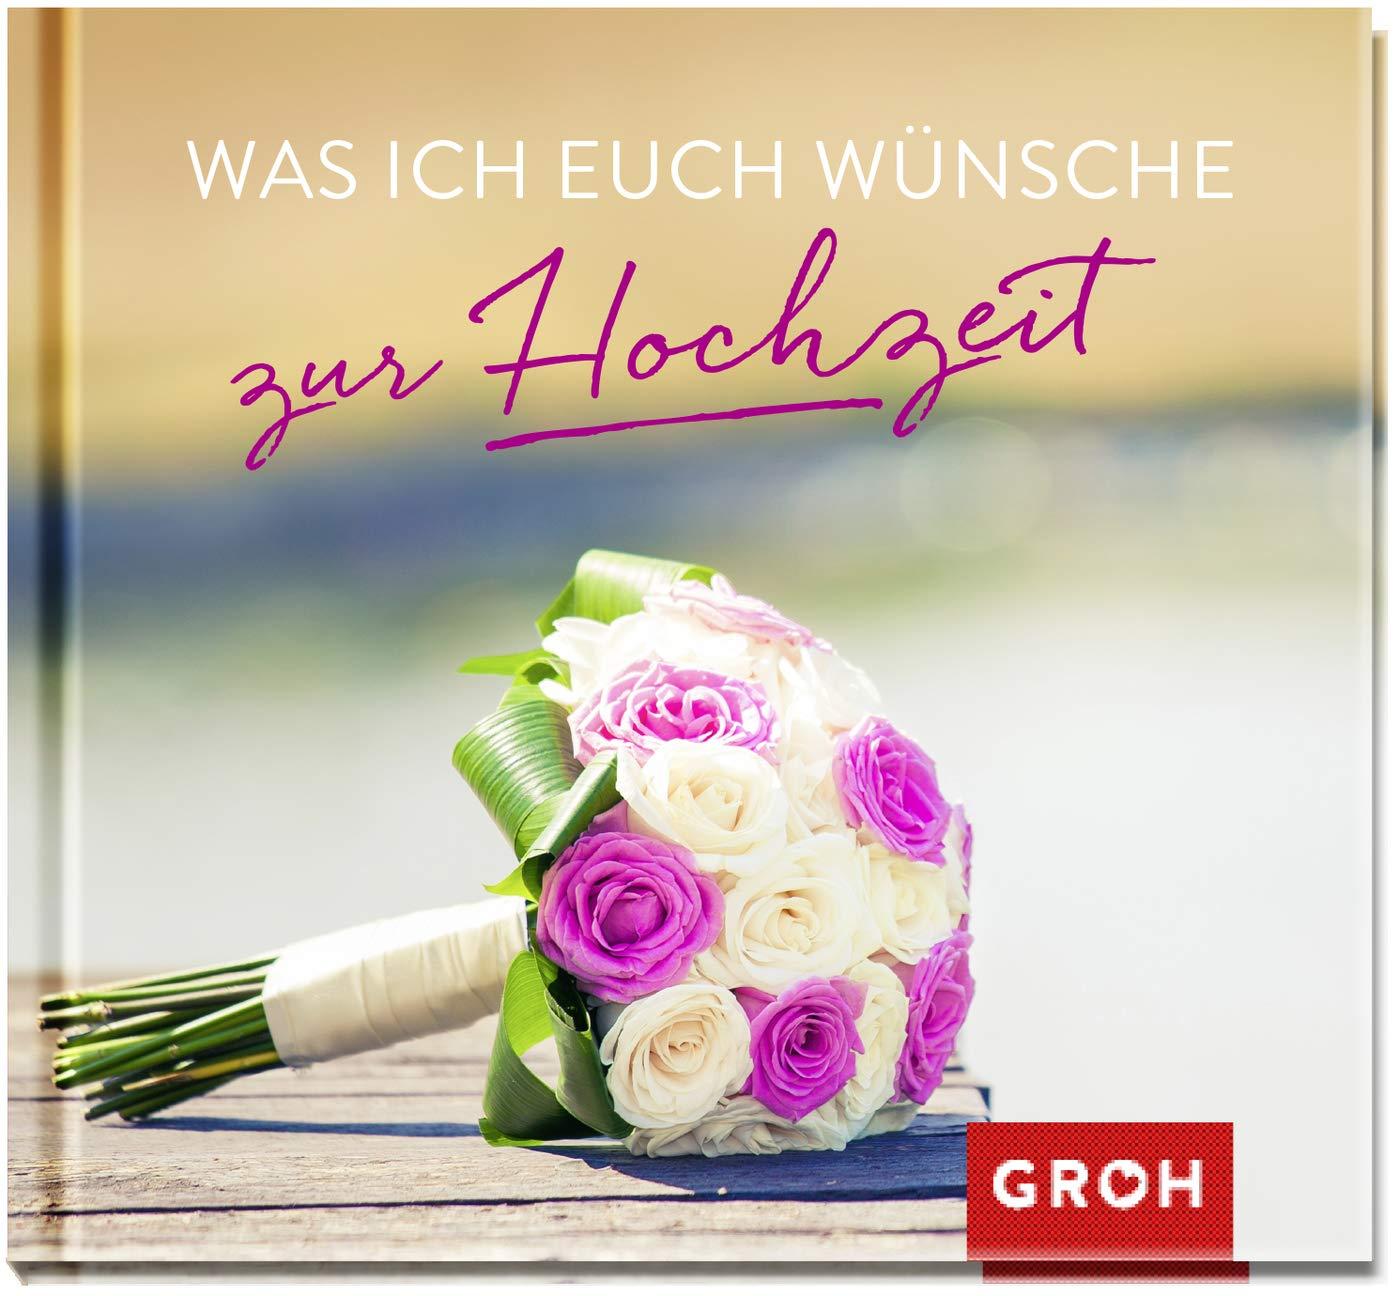 Was ich euch wünsche zur Hochzeit  Groh, Joachim Amazon.de Bücher